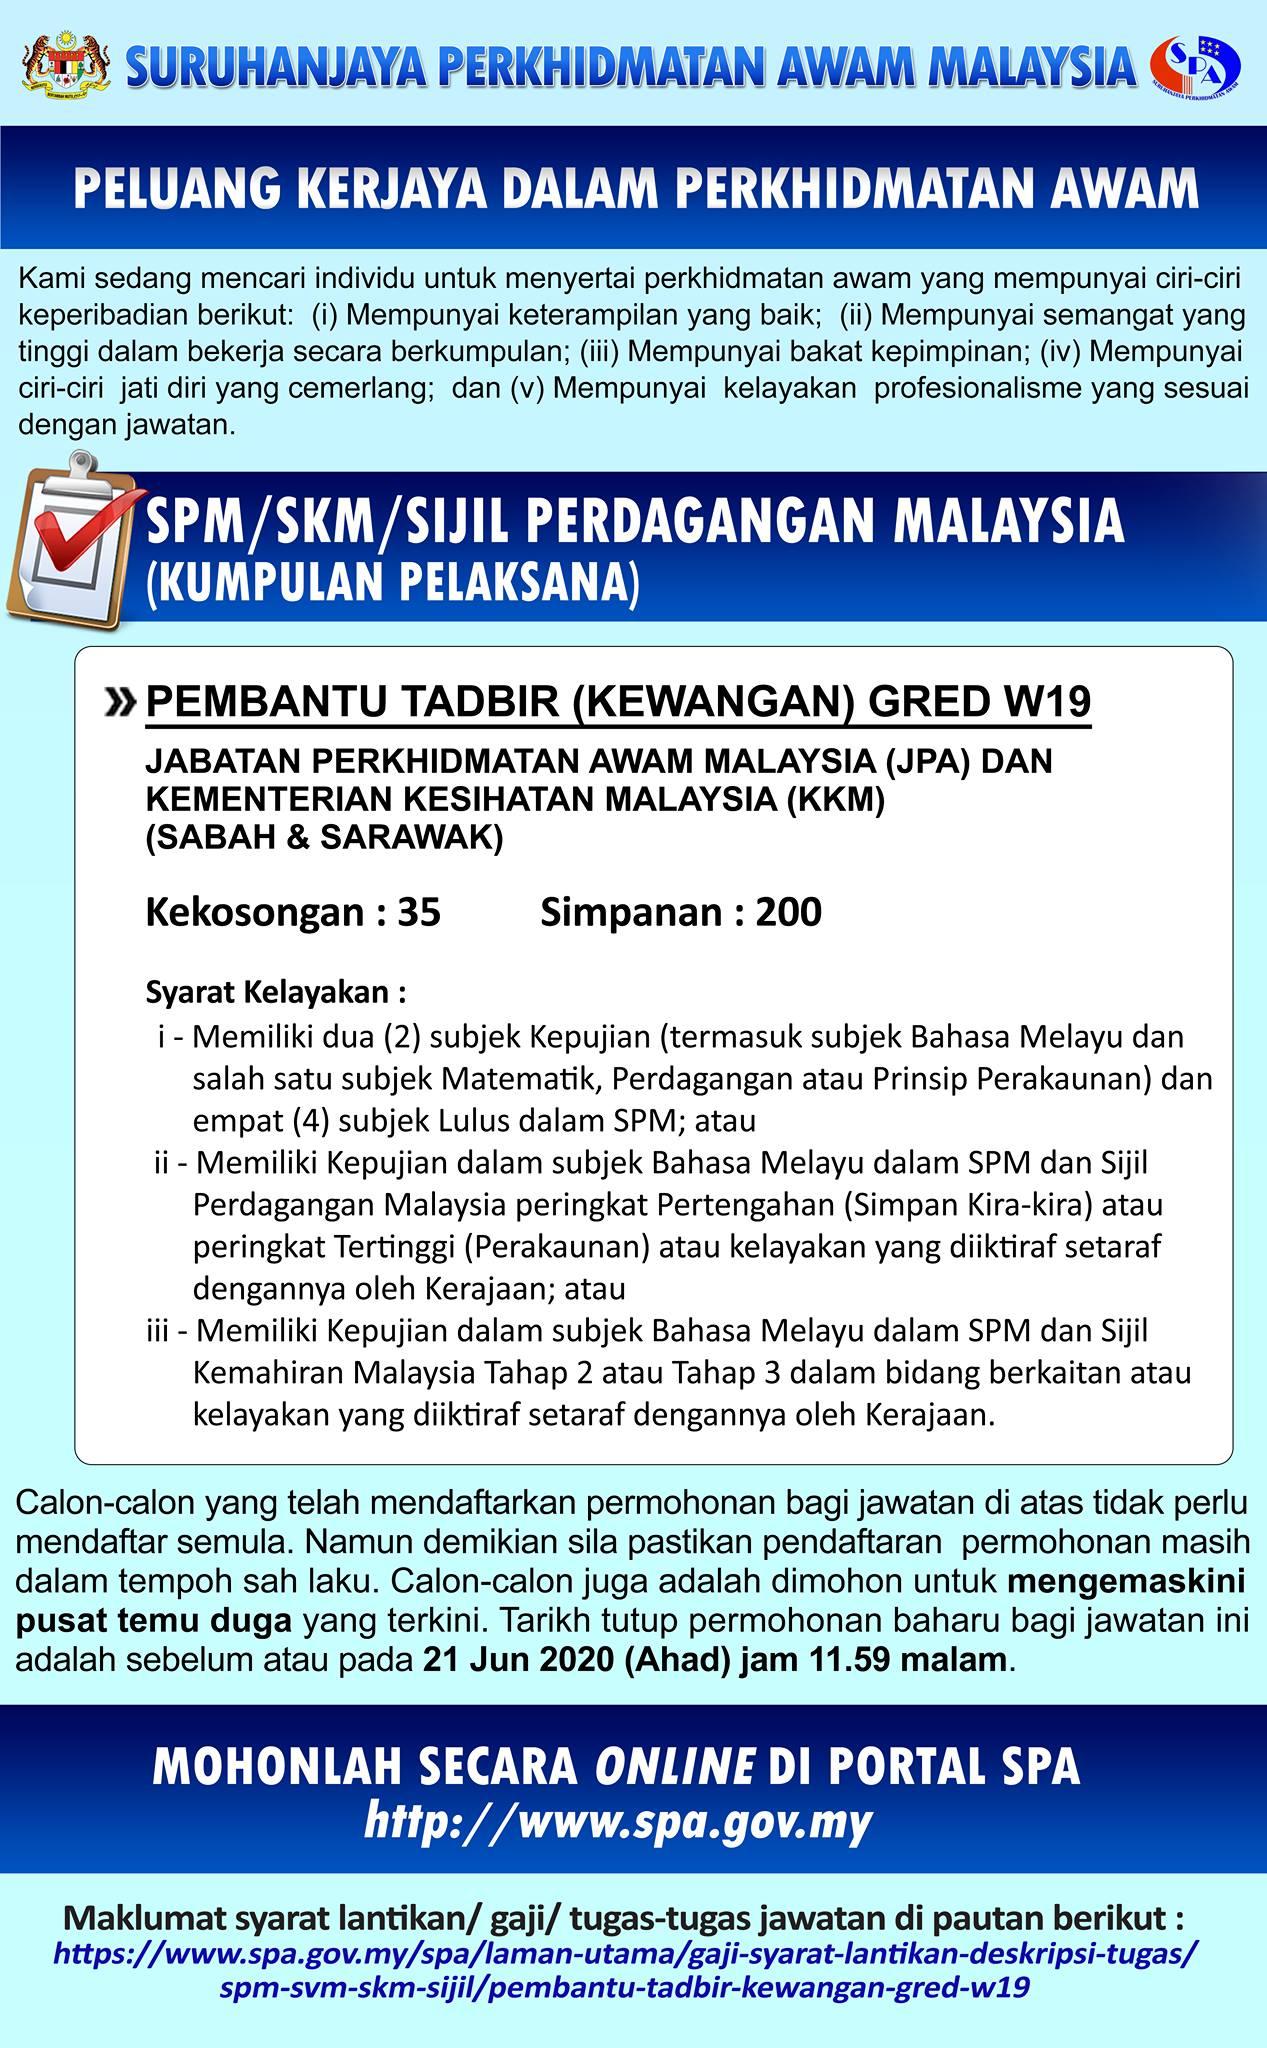 Permohonan Jawatan Kosong Pembantu Tadbir Kementerian Kesihatan Malaysia Kkm Lepasan Spm Seluruh Negara Di Buka